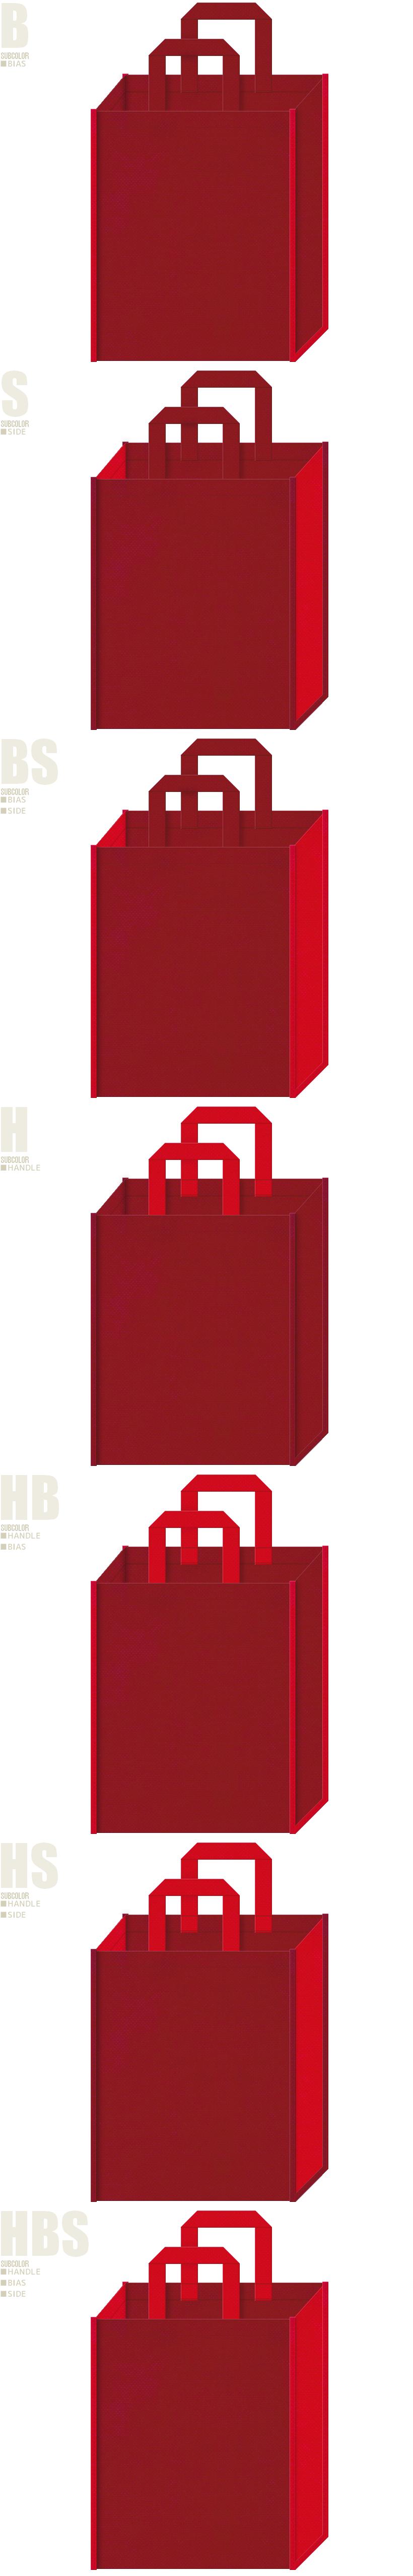 エンジ色と紅色、7パターンの不織布トートバッグ配色デザイン例